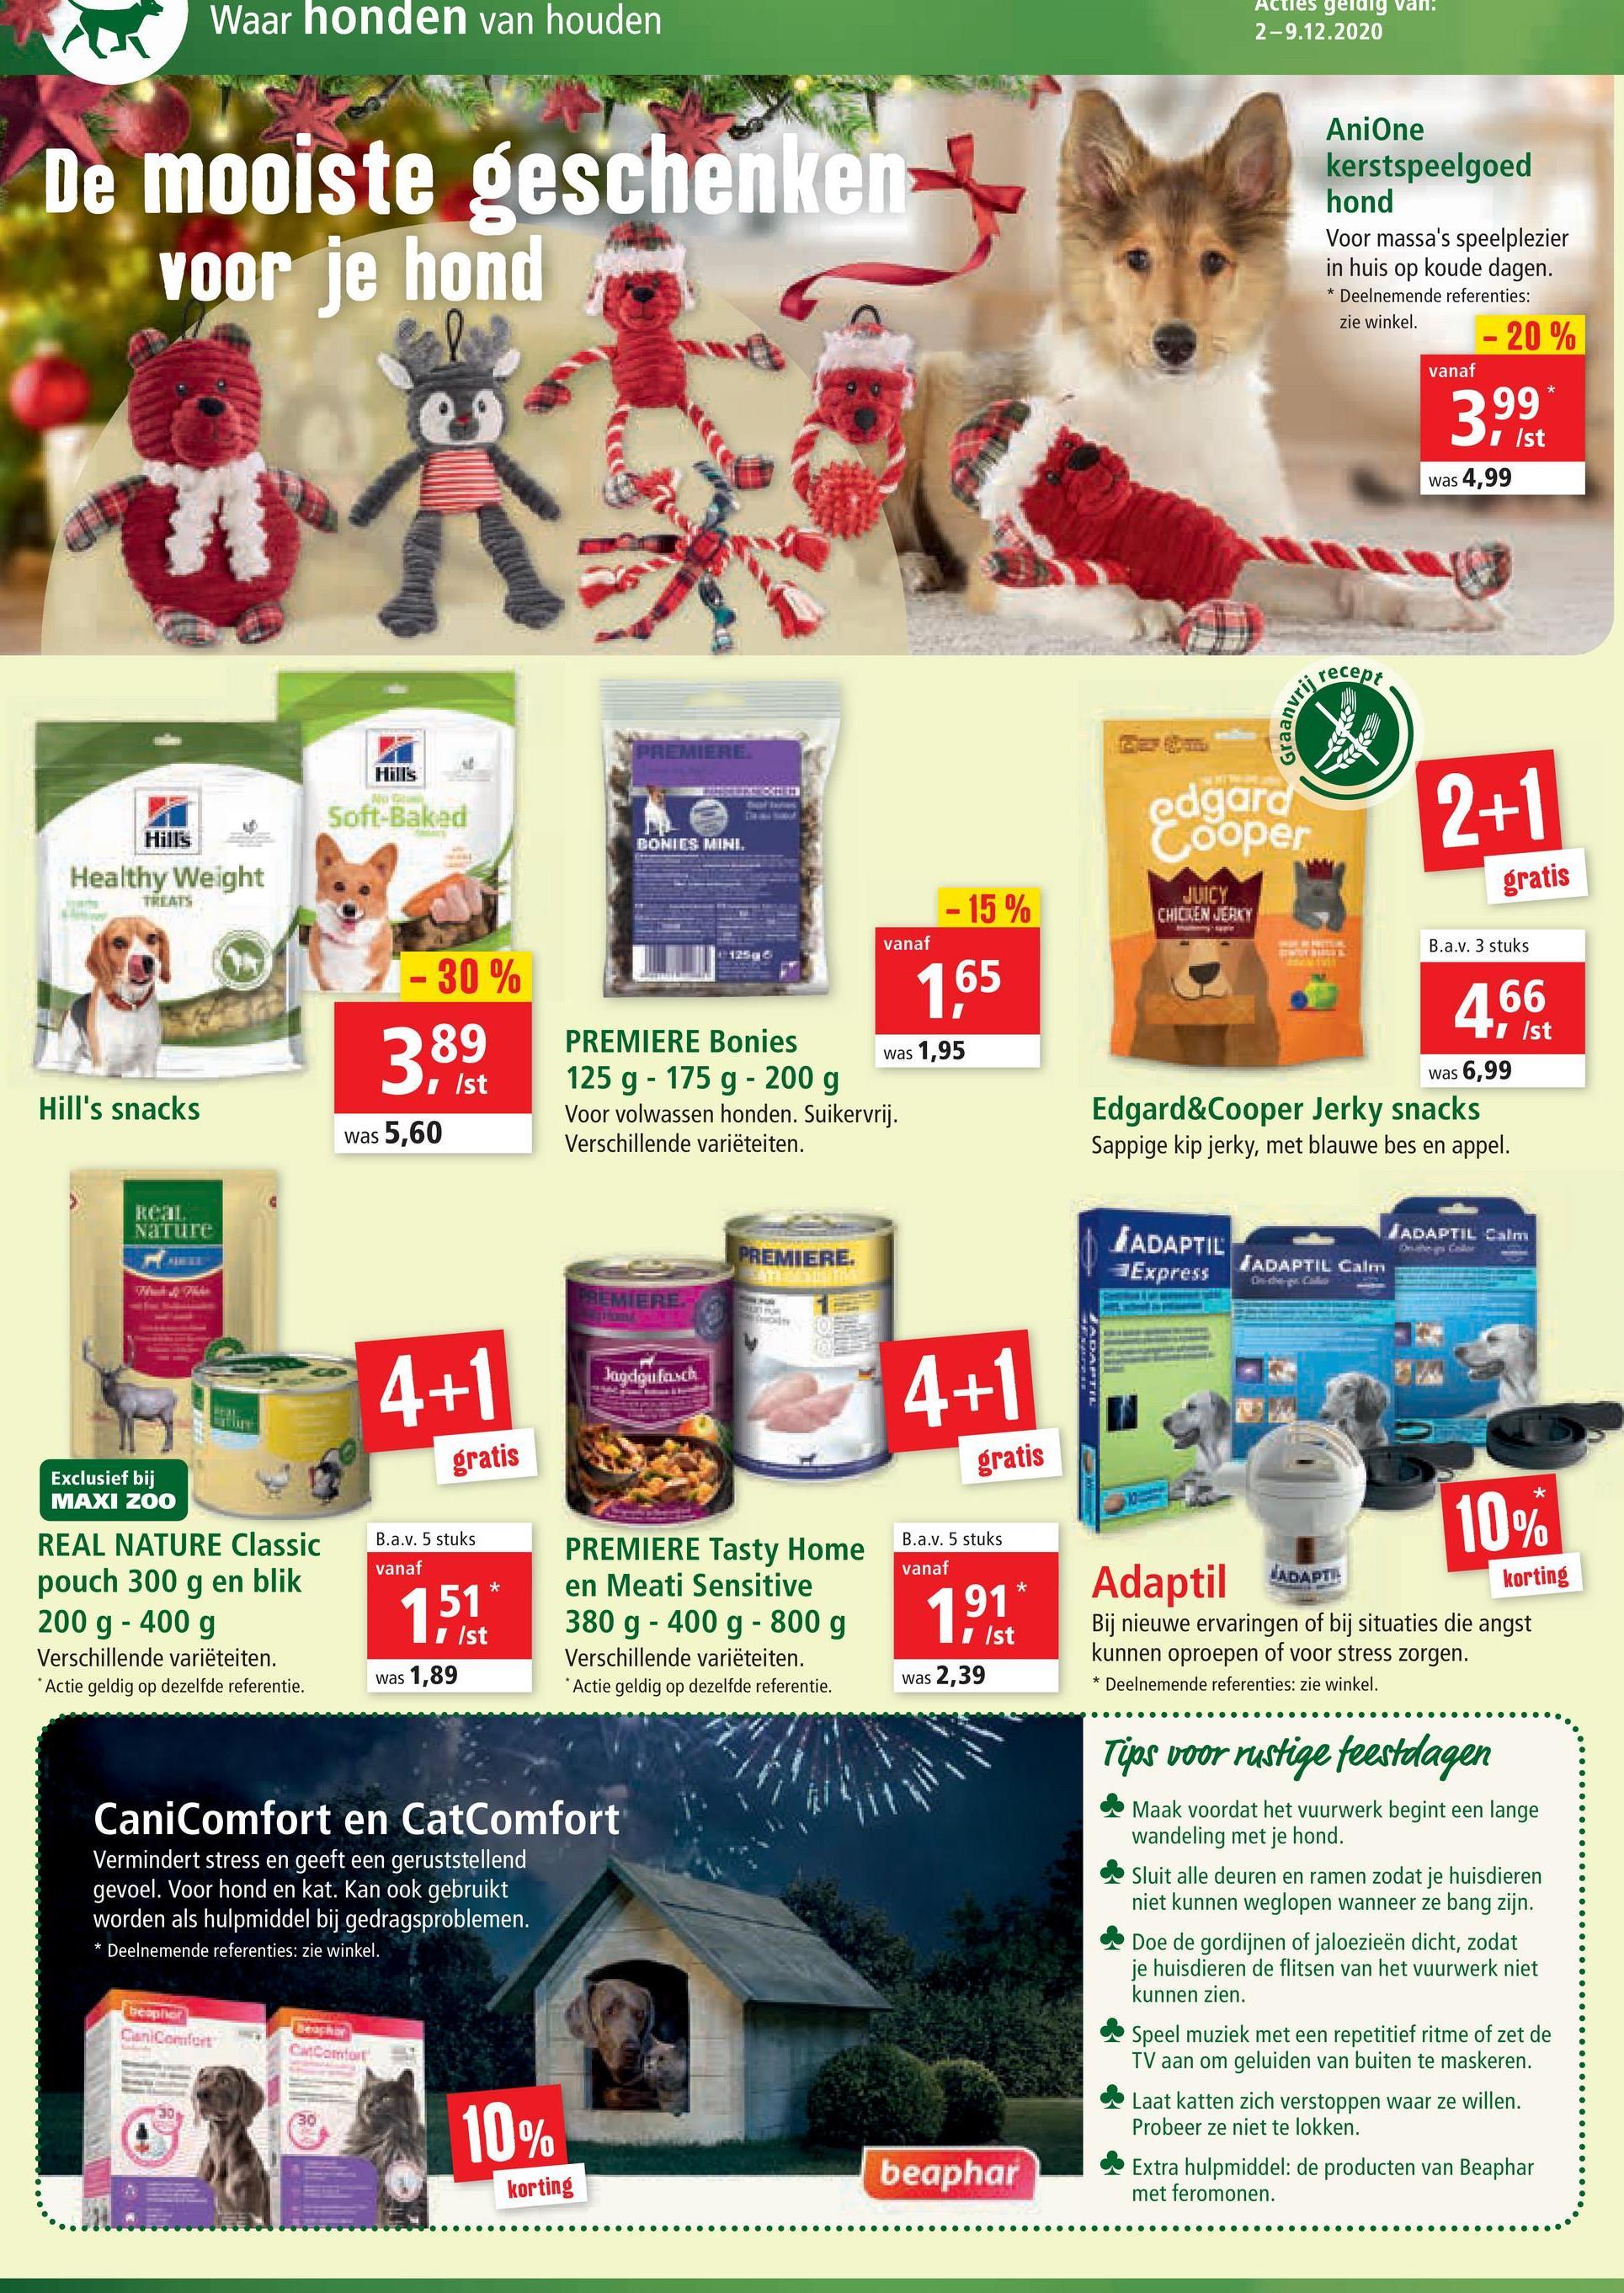 an. Waar honden van houden geldig 2-9.12.2020 De mooiste geschenken voor je hond AniOne kerstspeelgoed hond Voor massa's speelplezier in huis op koude dagen. * Deelnemende referenties: zie winkel. - 20 % vanaf 3,99 was 4,99 recept Auee? PREMIERE Hill's Soft-Baked edgard Cooper 2+1 Hills BONIES MINI. Healthy Weight gratis - 15 % CHICKEN JERRY vanaf B.a.v. 3 stuks 125 -30% 165 466 1 /st 389 was 1,95 was 6,99 Hill's snacks PREMIERE Bonies 125 g - 175 g - 200 g Voor volwassen honden. Suikervrij. Verschillende variëteiten. was 5,60 Edgard&Cooper Jerky snacks Sappige kip jerky, met blauwe bes en appel. RC Nature JADAPTIL Salmi PREMIERE. LADAPTIL Express JADAPTIL Calm REMIERE Jagdgulasch 4+1 4+1 ADATE gratis gratis Exclusief bij MAXI ZOO * 10% B.a.v. 5 stuks B.a.v. 5 stuks vanaf vanaf * REAL NATURE Classic pouch 300 g en blik 200 g - 400 g Verschillende variëteiten. Actie geldig op dezelfde referentie. Adaptil ADAPTI 1,51 PREMIERE Tasty Home en Meati Sensitive 380 g - 400 g - 800 g Verschillende variëteiten. Actie geldig op dezelfde referentie. 191 I/st 1 /st korting Bij nieuwe ervaringen of bij situaties die angst kunnen oproepen of voor stress zorgen. Deelnemende referenties: zie winkel. was 1,89 was 2,39 * Tips voor rustige feestdagen CaniComfort en CatComfort Vermindert stress en geeft een geruststellend gevoel. Voor hond en kat. Kan ook gebruikt worden als hulpmiddel bij gedragsproblemen. * Deelnemende referenties: zie winkel. Maak voordat het vuurwerk begint een lange wandeling met je hond. Sluit alle deuren en ramen zodat je huisdieren niet kunnen weglopen wanneer ze bang zijn. Doe de gordijnen of jaloezieën dicht, zodat je huisdieren de flitsen van het vuurwerk niet kunnen zien. Speel muziek met een repetitief ritme of zet de TV aan om geluiden van buiten te maskeren. Laat katten zich verstoppen waar ze willen. Probeer ze niet te lokken. Extra hulpmiddel: de producten van Beaphar met feromonen. be Can Comfort BERID Car Com 30 10% beaphar korting